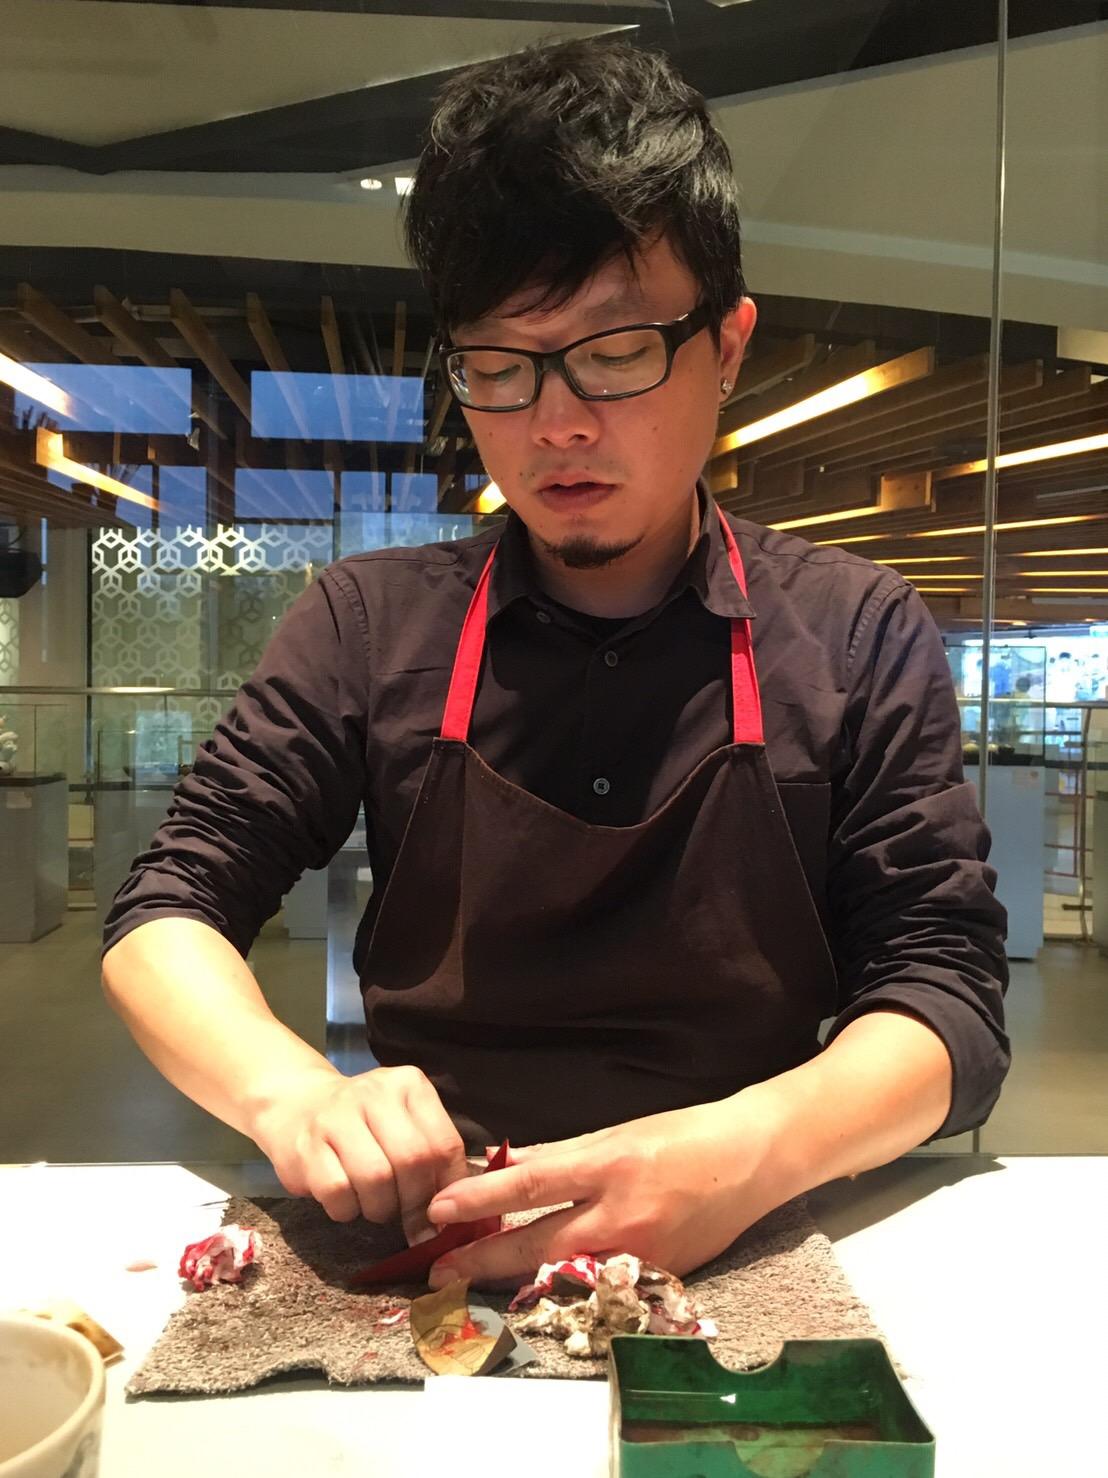 Lee Chi-Hong